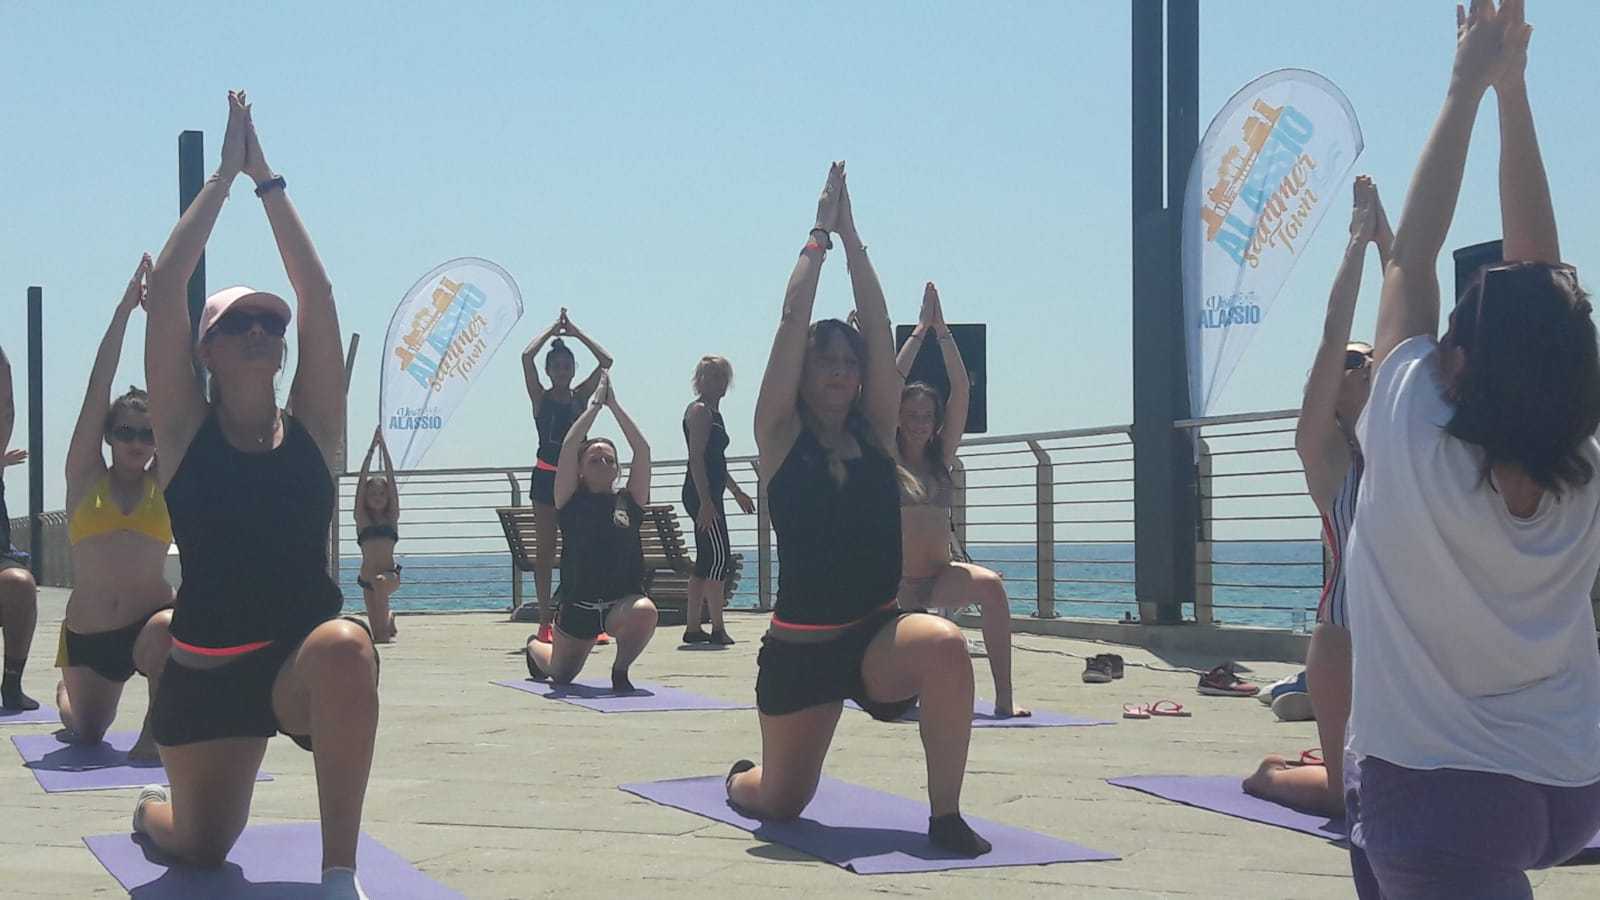 essere-free-yoga-gratuito-benessere-per-tutti-village-citta-alassio-estate-lucia-ragazzi-summer-town-wellness-069